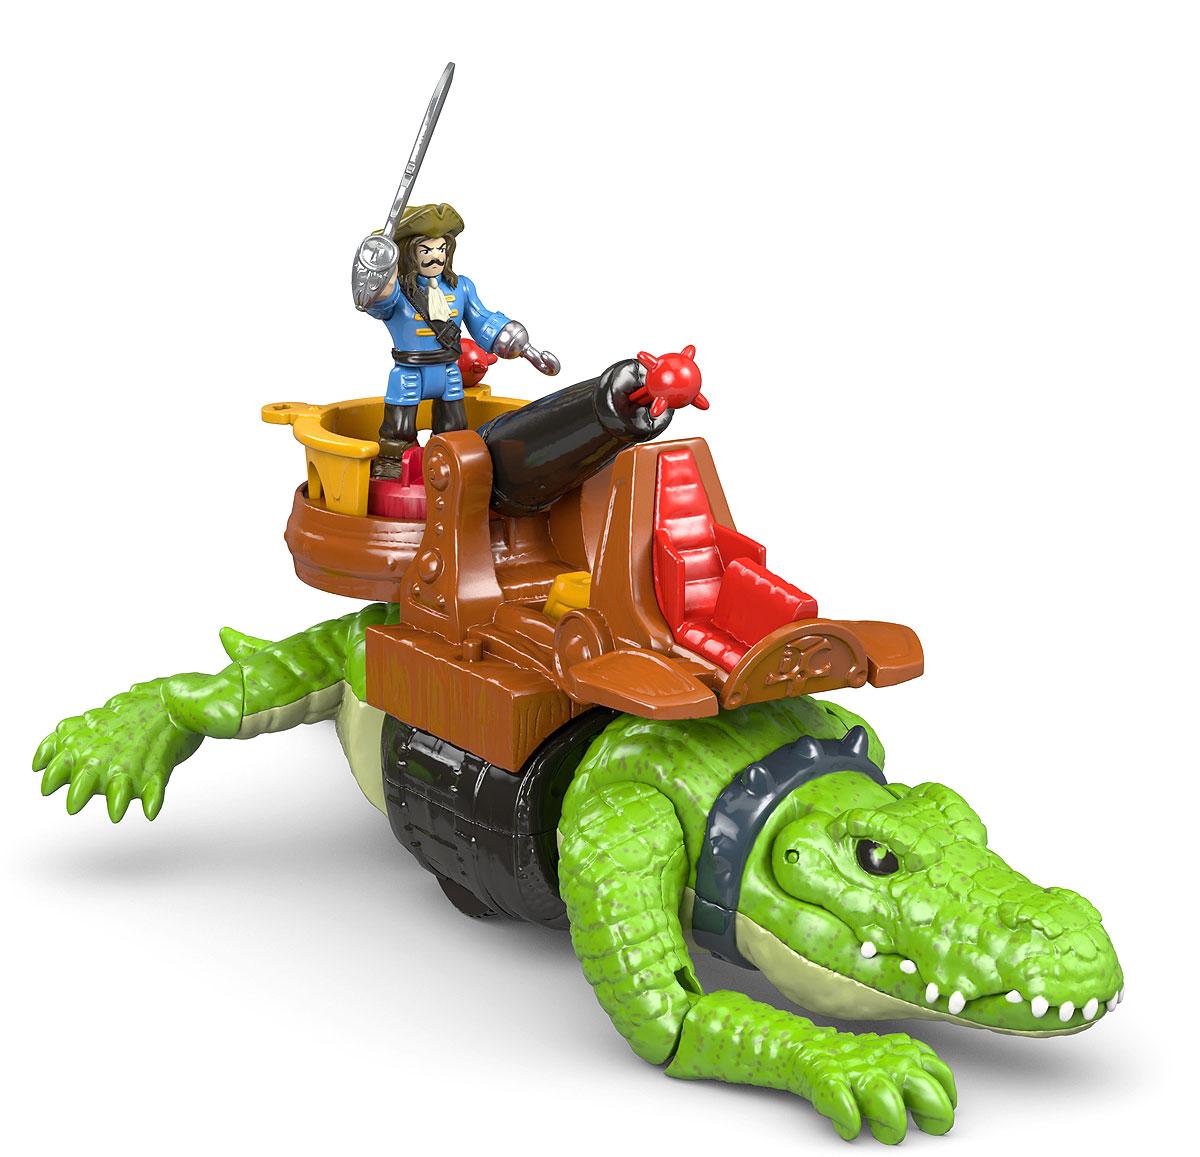 Imaginext Игровой набор Капитан Крюк и крокодил DHH63DHH63Пират Крюк заплатил высокую цену, чтобы обуздать своего грозного крокодила! Теперь на месте левой руки у него крюк! Крюк не остановится ни перед чем, чтобы защитить свои сокровища! Он оседлал гигантского крокодила и даже установил на его спине пушку, чтобы пугать врагов. Когда сокровищам пирата грозит опасность, просто нажми на панель активации, чтобы выстрелить из пушки.Юные пираты могут управлять крокодилом и наблюдать за его реалистичными движениями! Крокодил даже открывает пасть, чтобы схватить похитителей сокровищ. Фигурки пиратов Imaginext позволят детям пережить весь восторг настоящих пиратских приключений.